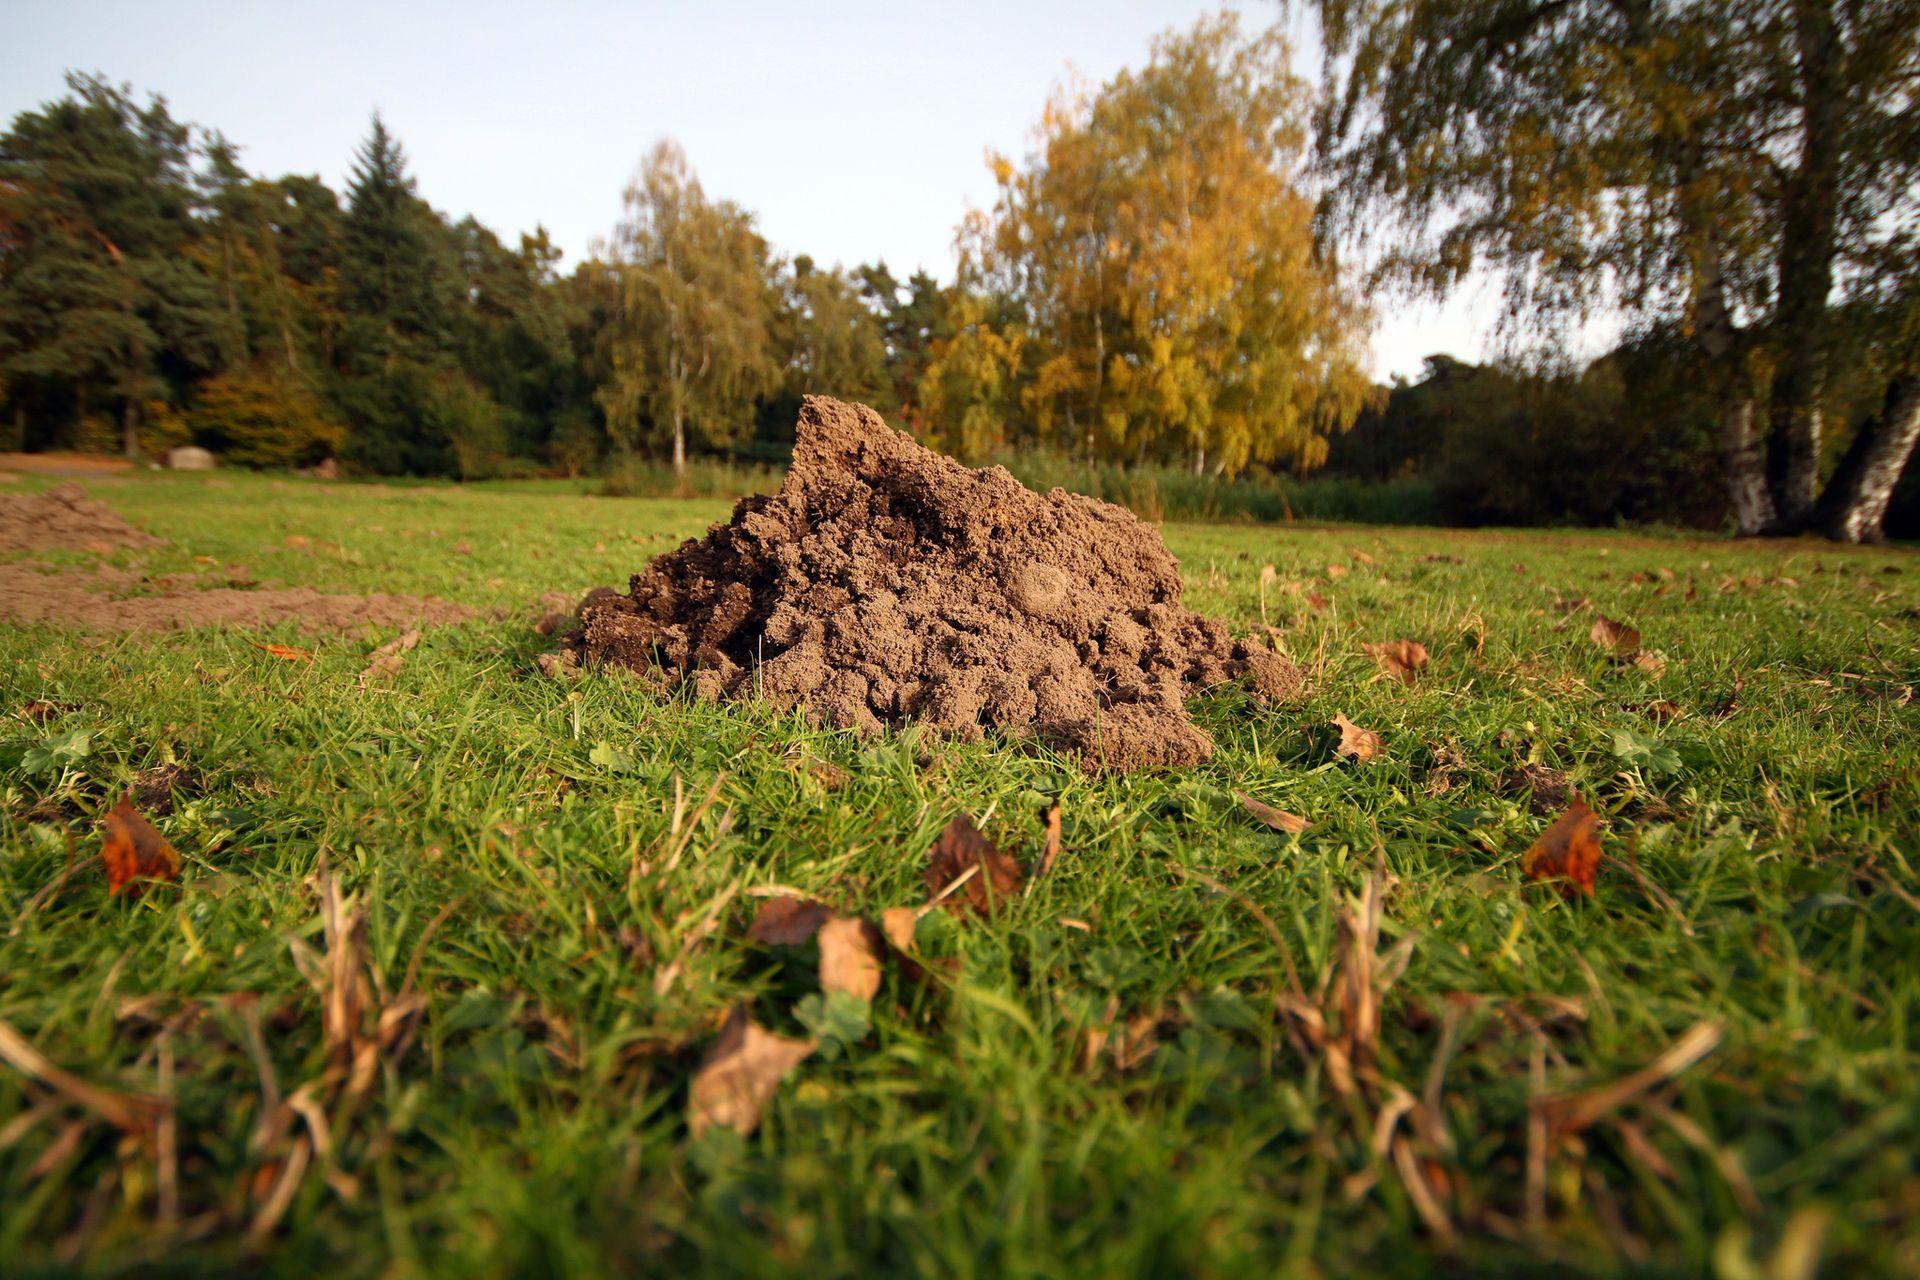 20 Wege einen Maulwurf aus dem Garten zu vertreiben